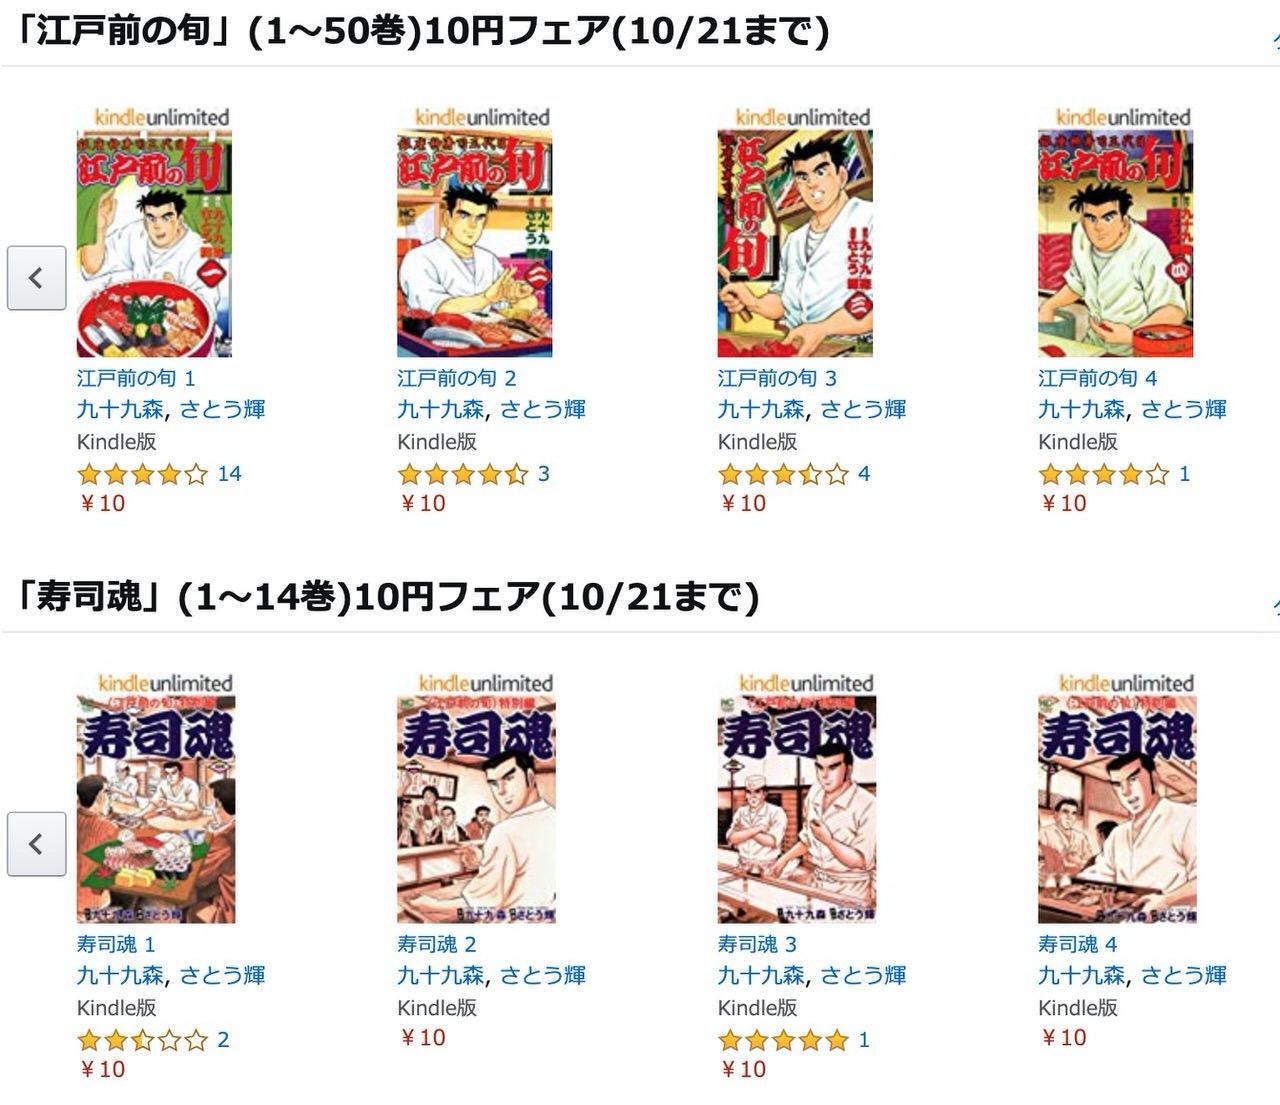 【Kindleセール】72時間限定「江戸前の旬」シリーズ10円フェア(10/21まで)